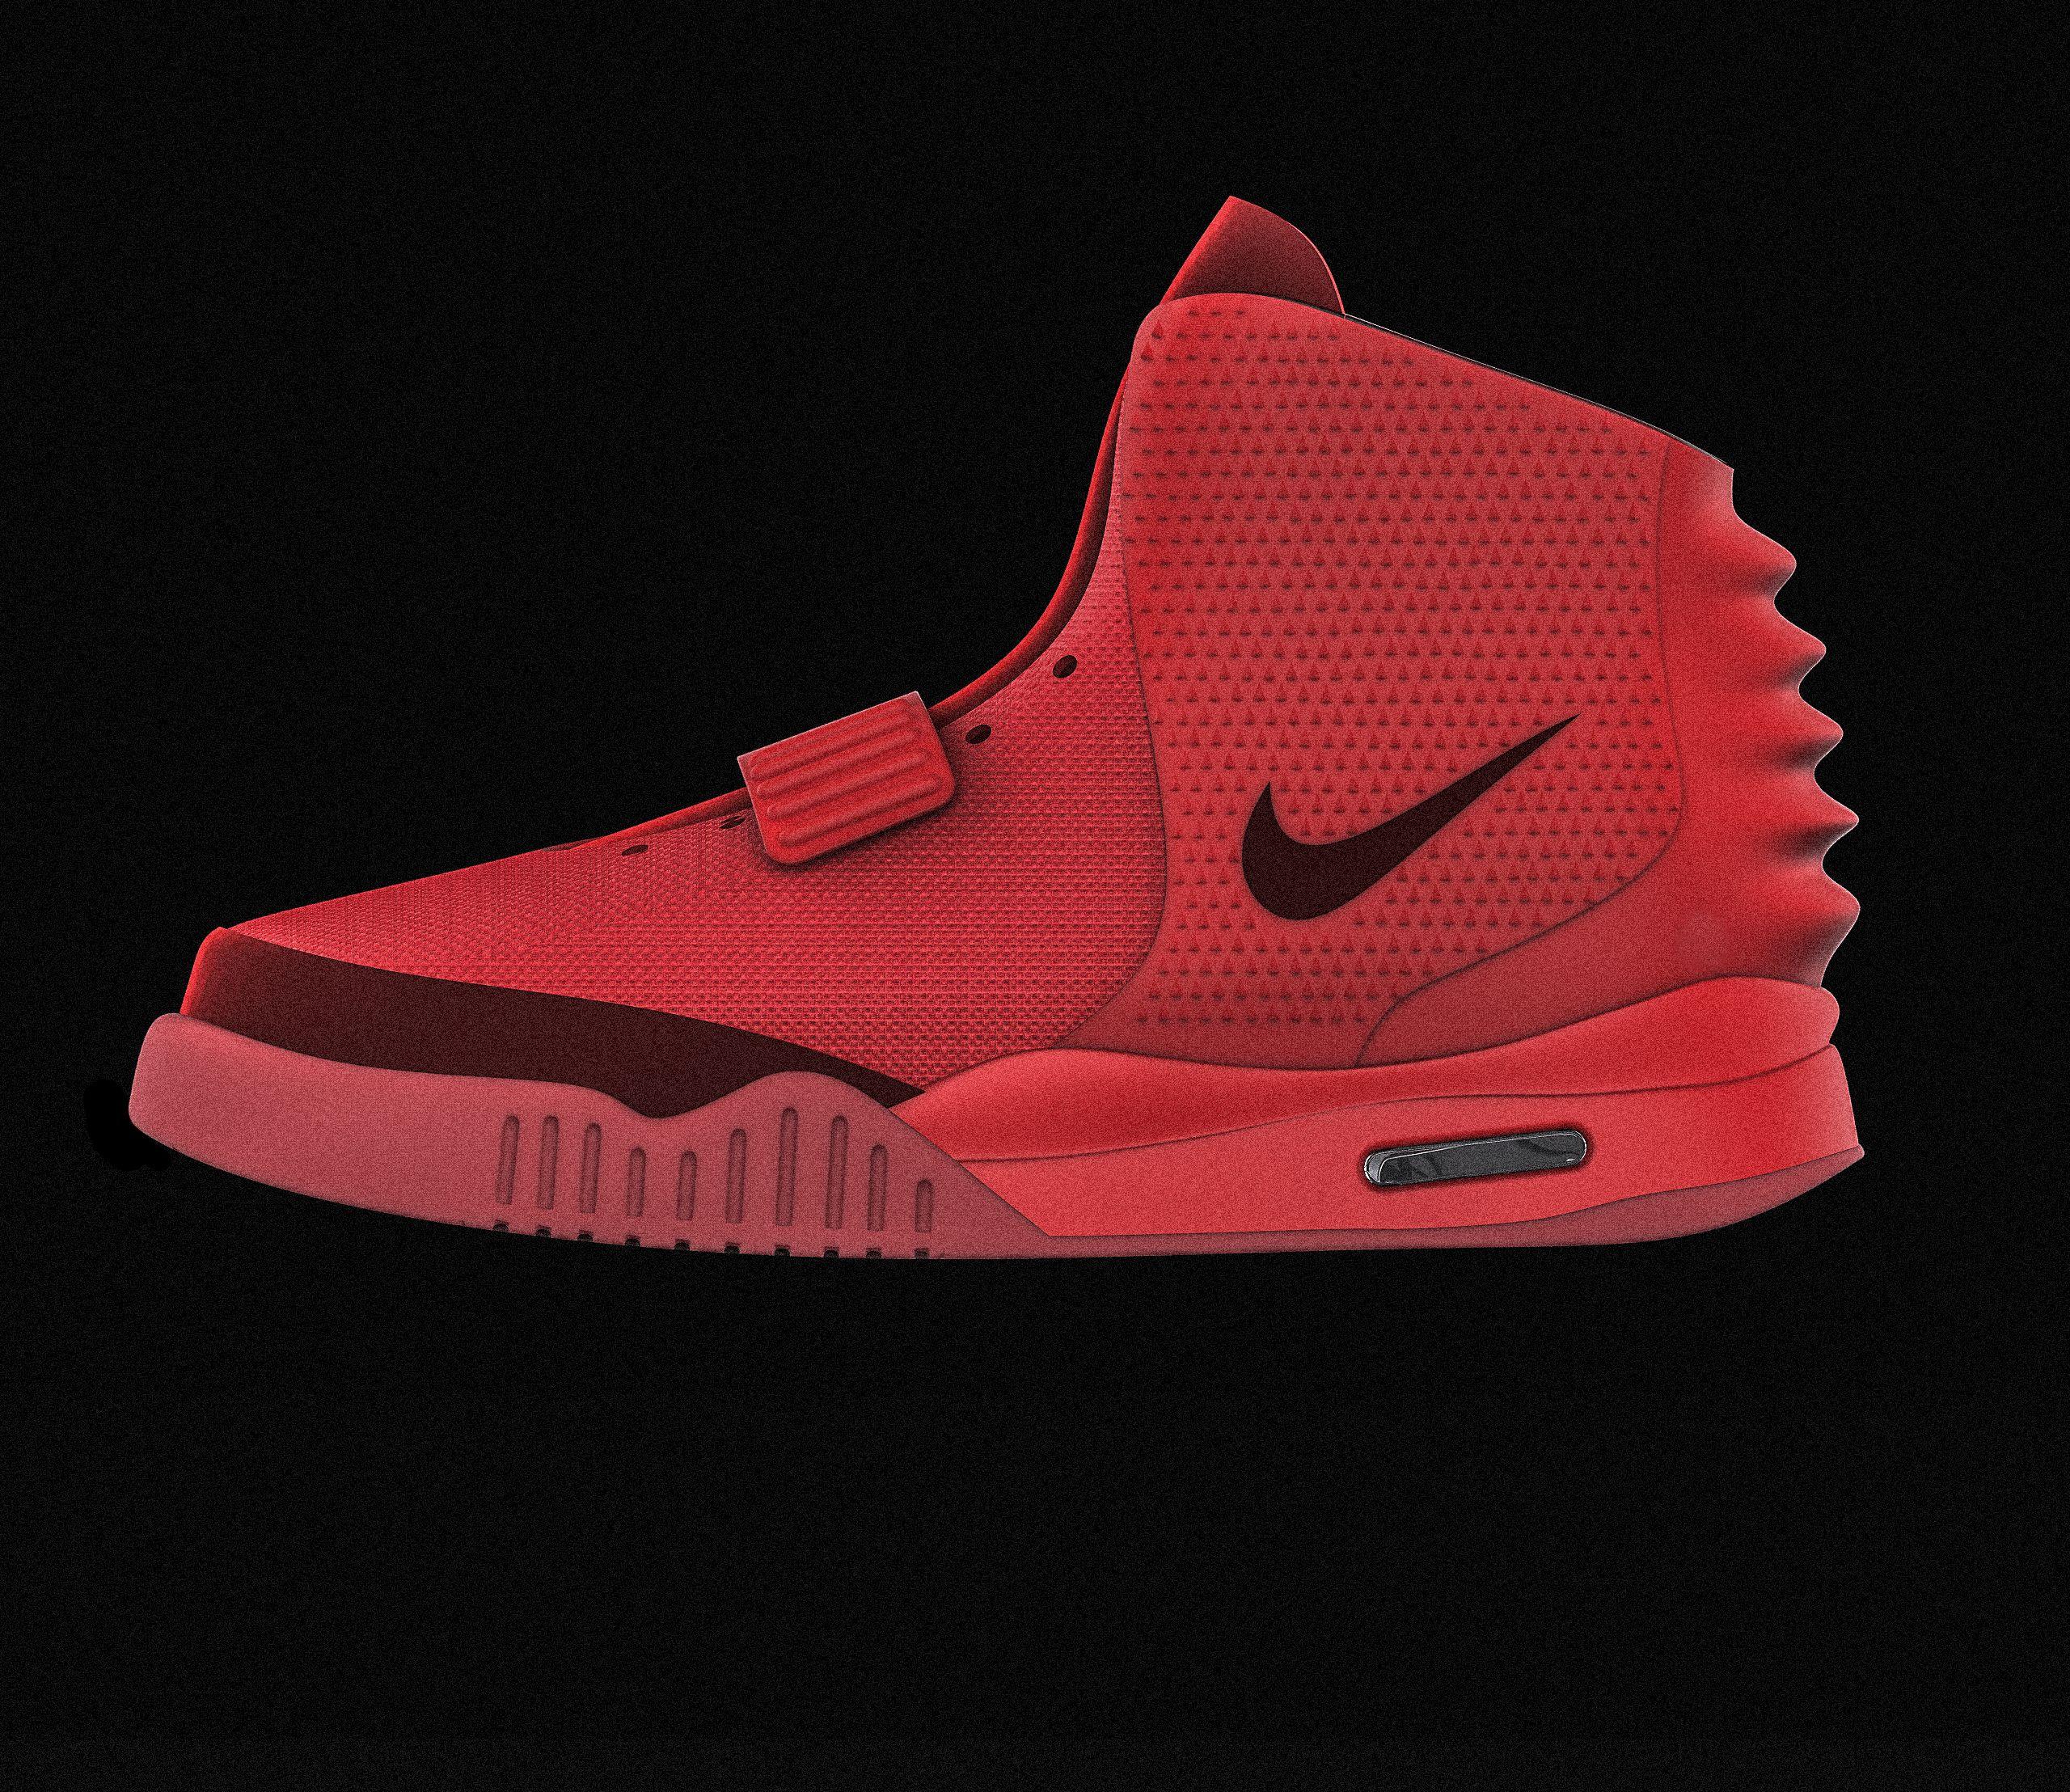 teoría dentro Artículos de primera necesidad  Nike Air Yeezy Red October|Autodesk Online Gallery